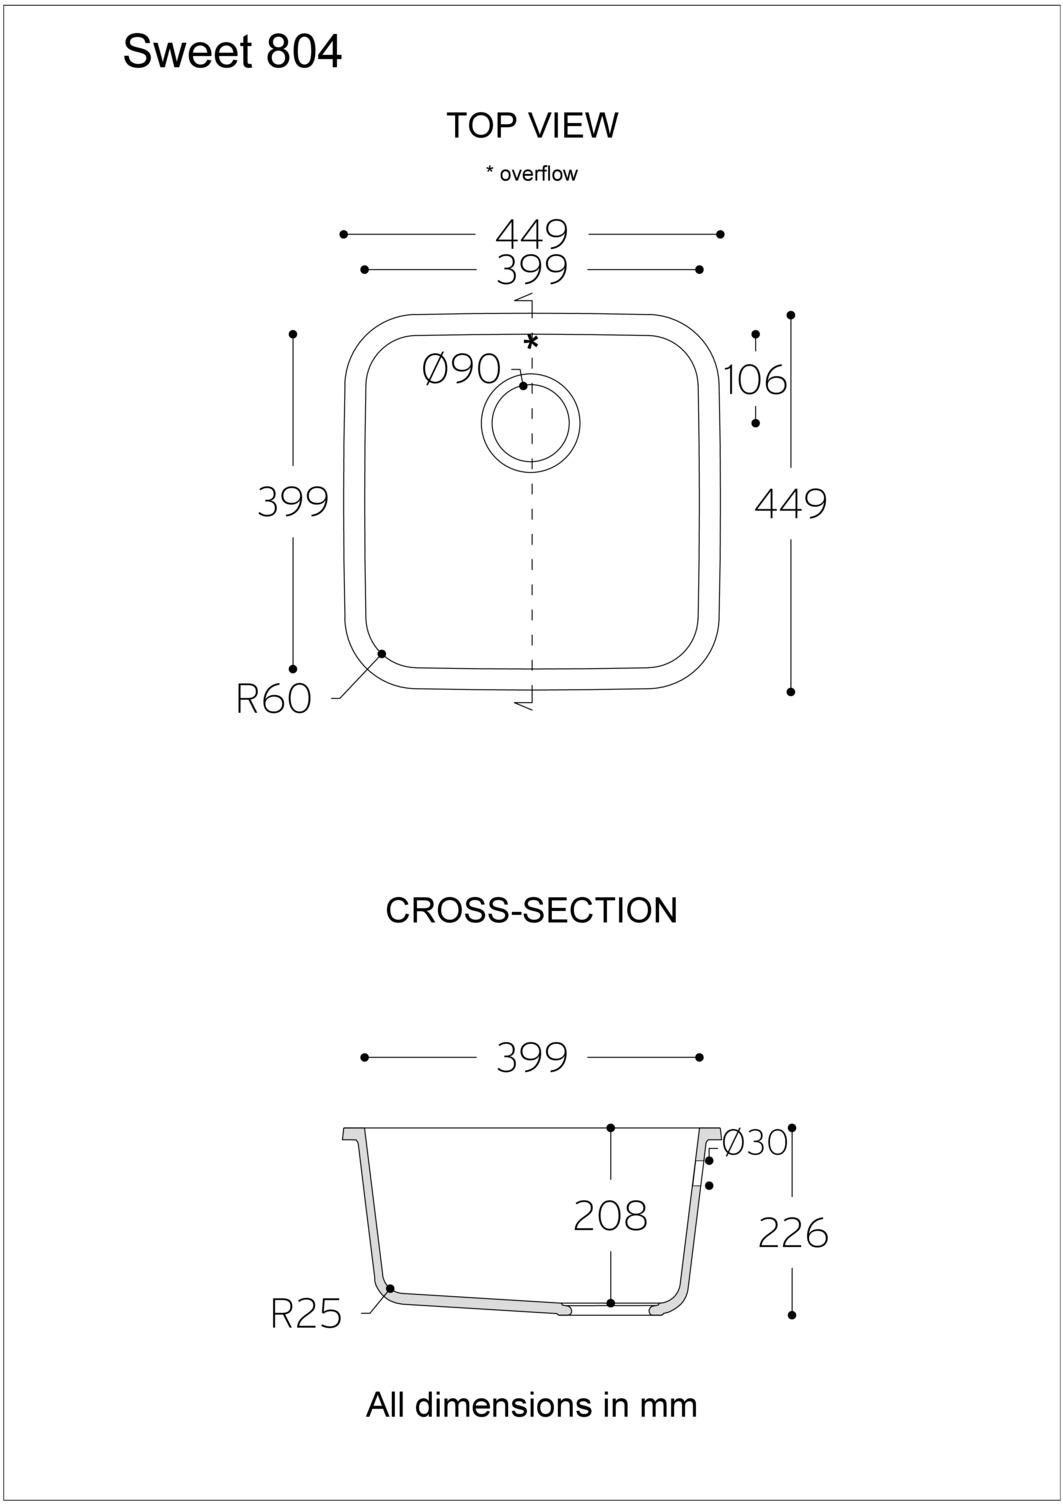 DUPONT_CORIAN_SWEET804_2D_PDF[0]